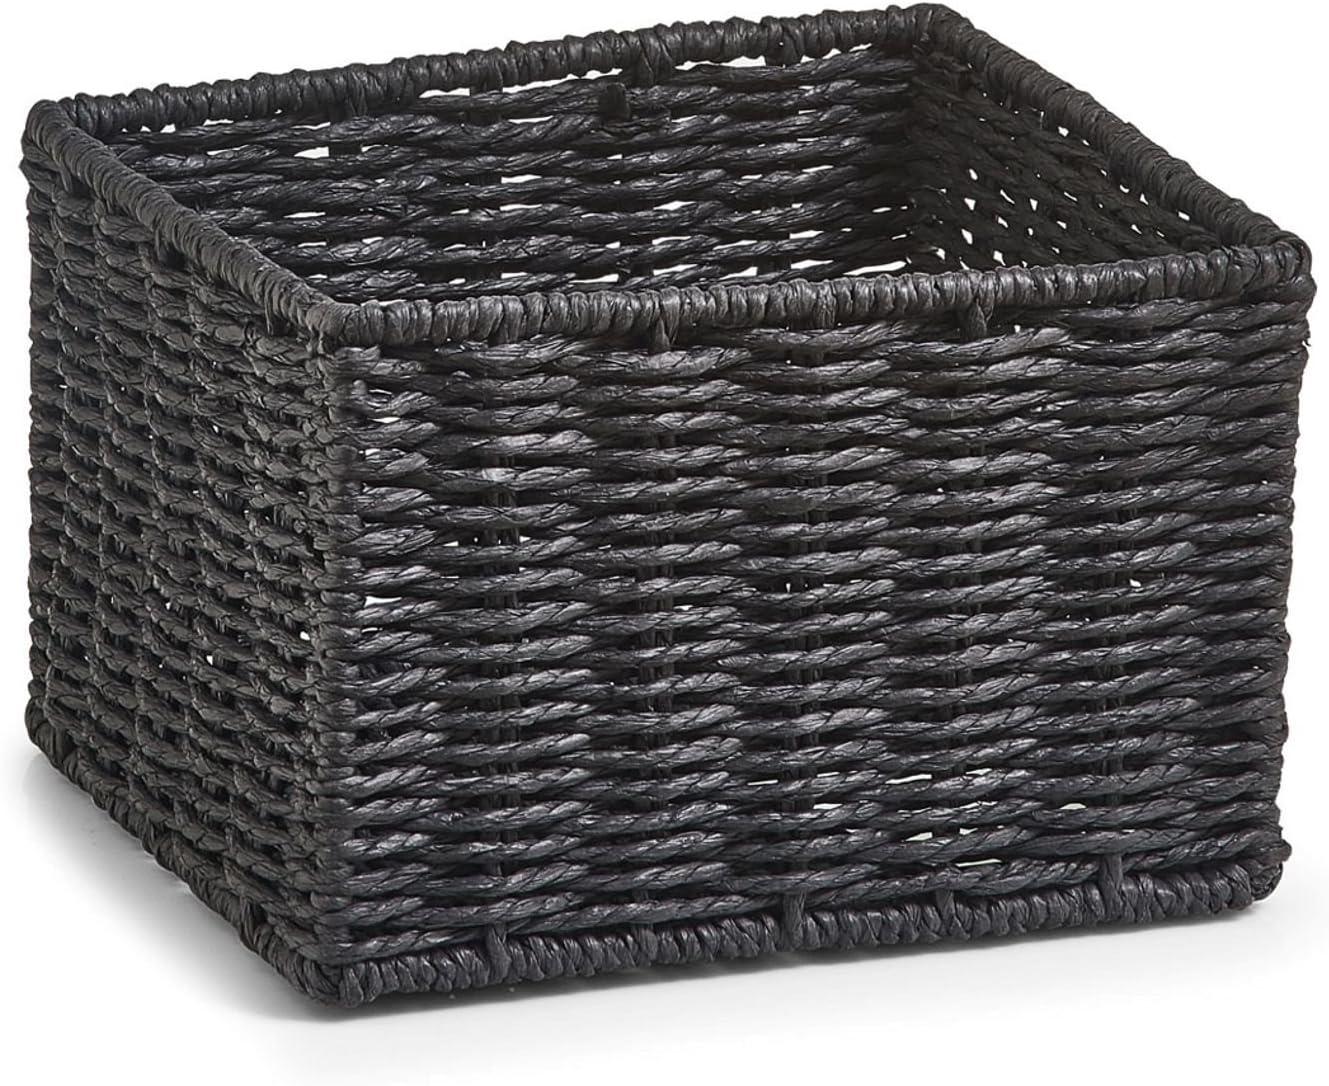 Zeller 18098 Aufbewahrungsk/örbchen 16 x 16 x 11 cm Papiergeflecht 2-er Set grau